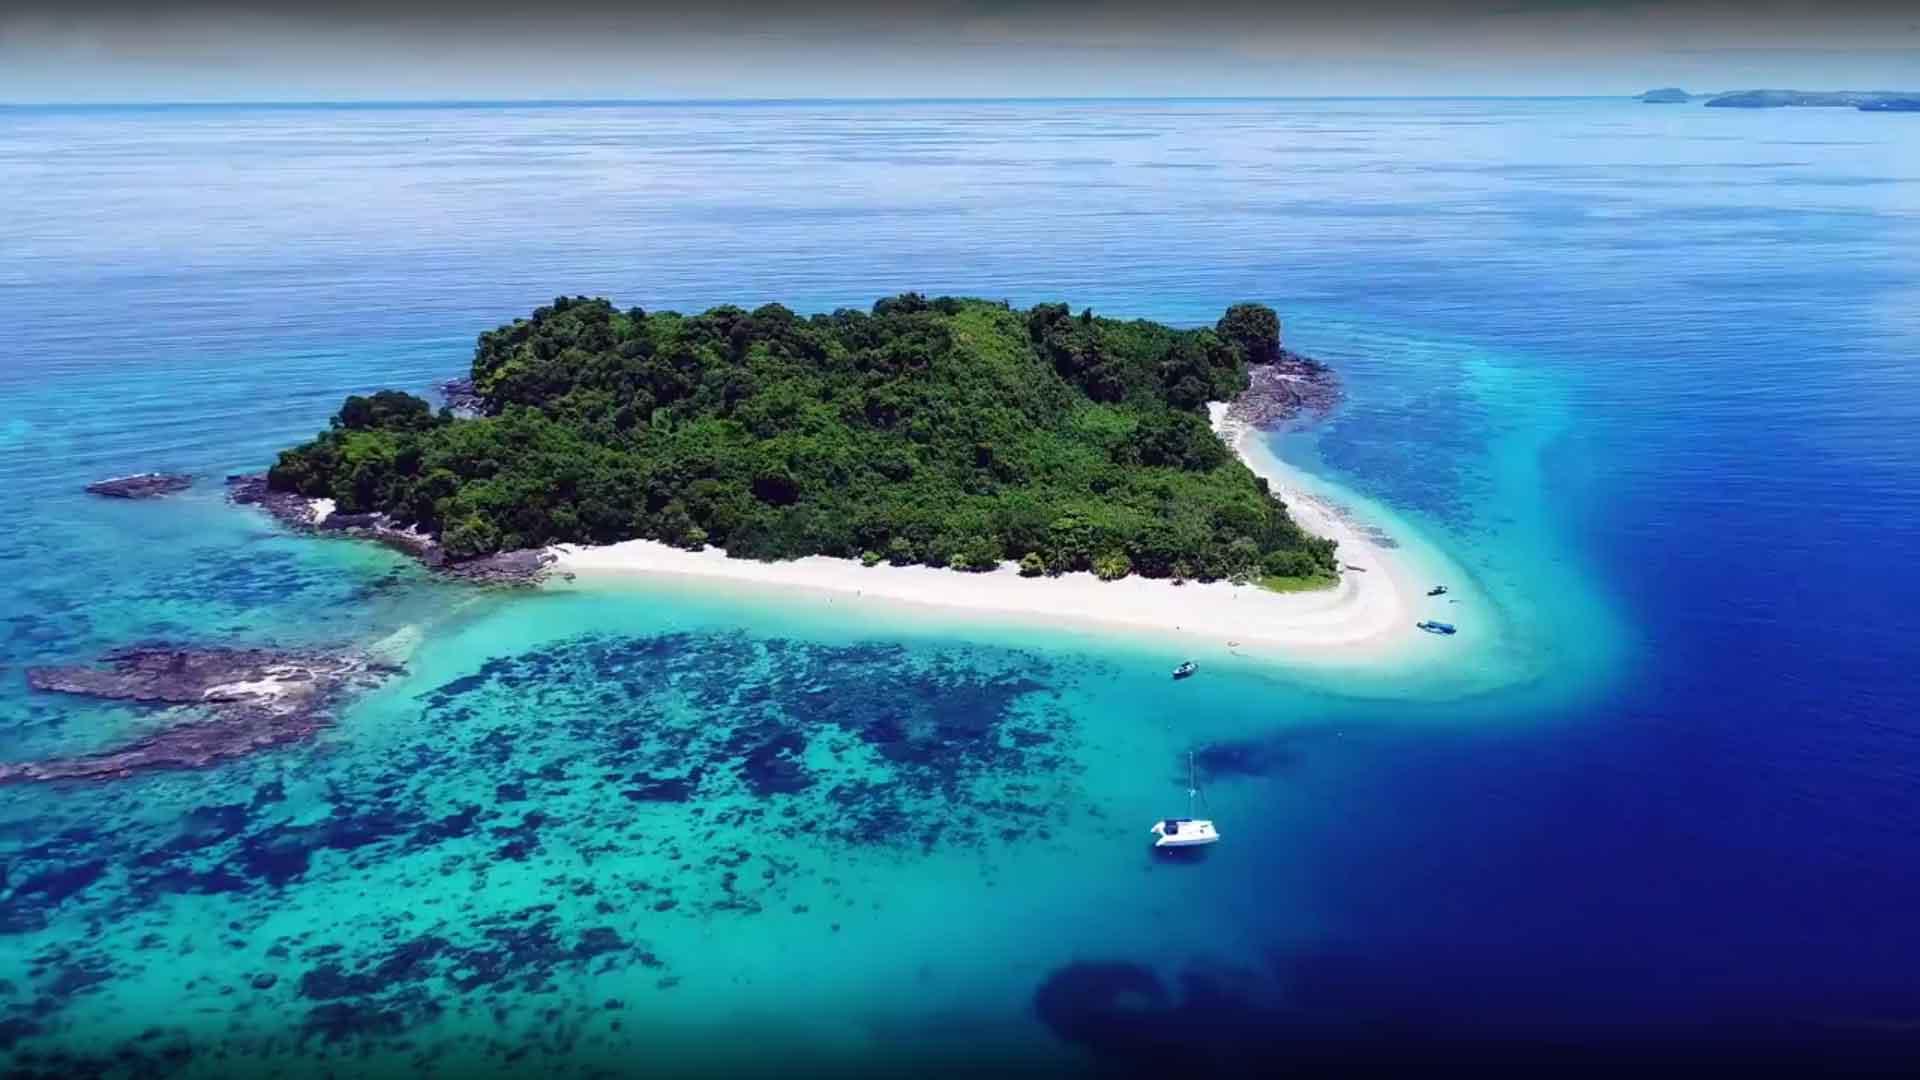 Photo of السياحة والسفر إلى مدغشقر وأهم وأفضل الأماكن السياحية في هذه الجزيرة الرائعة